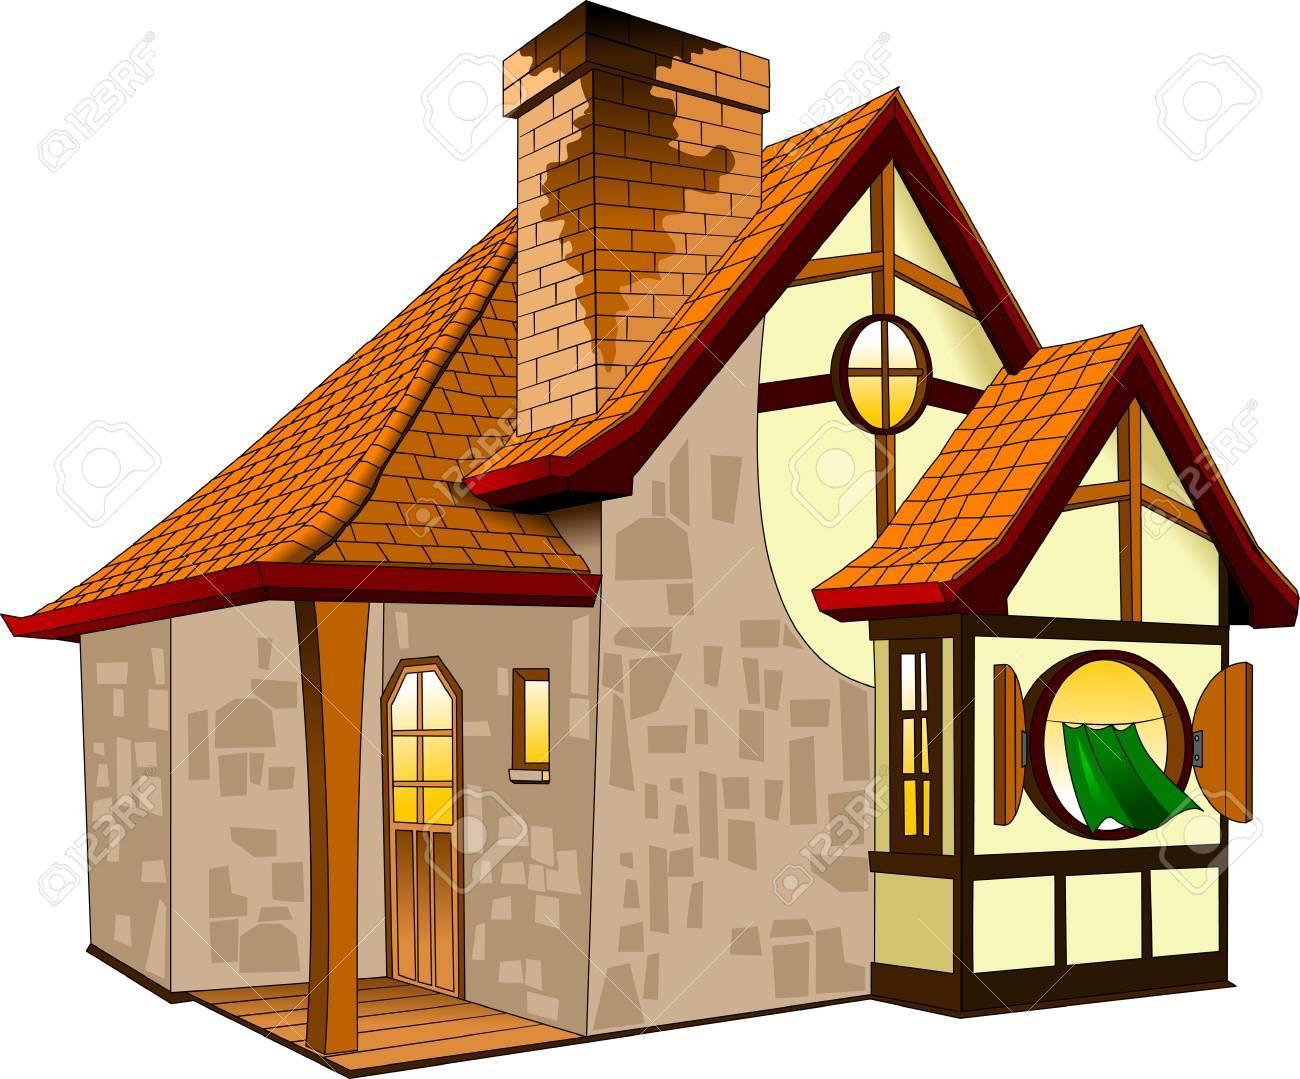 瓦屋根の家イラストと小さなおとぎ話の家のイラスト素材ベクタ